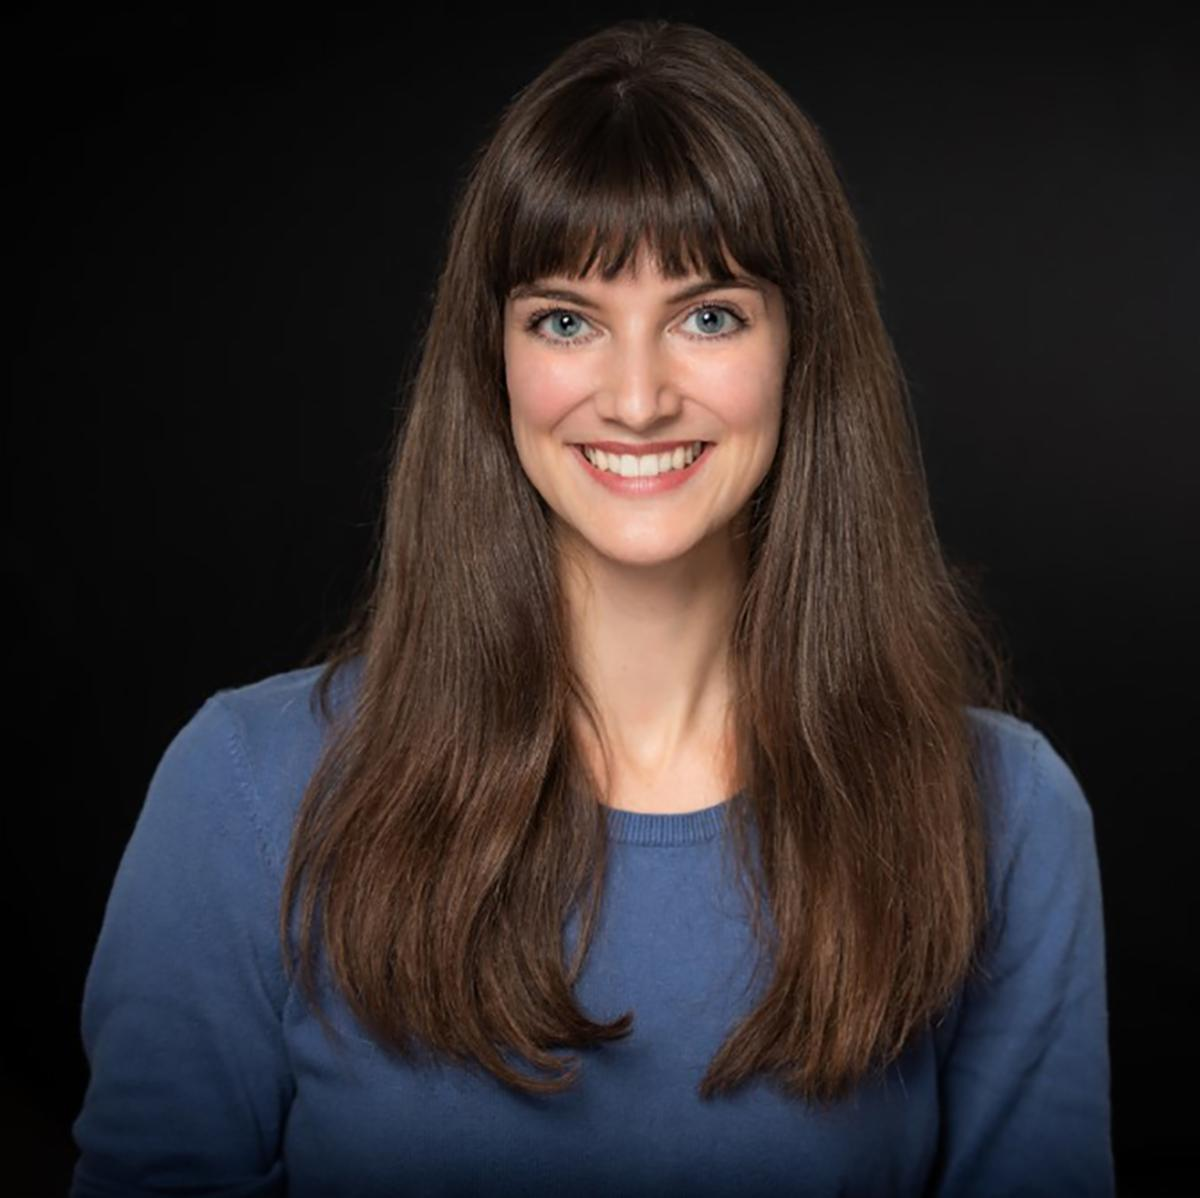 Rachel Hart